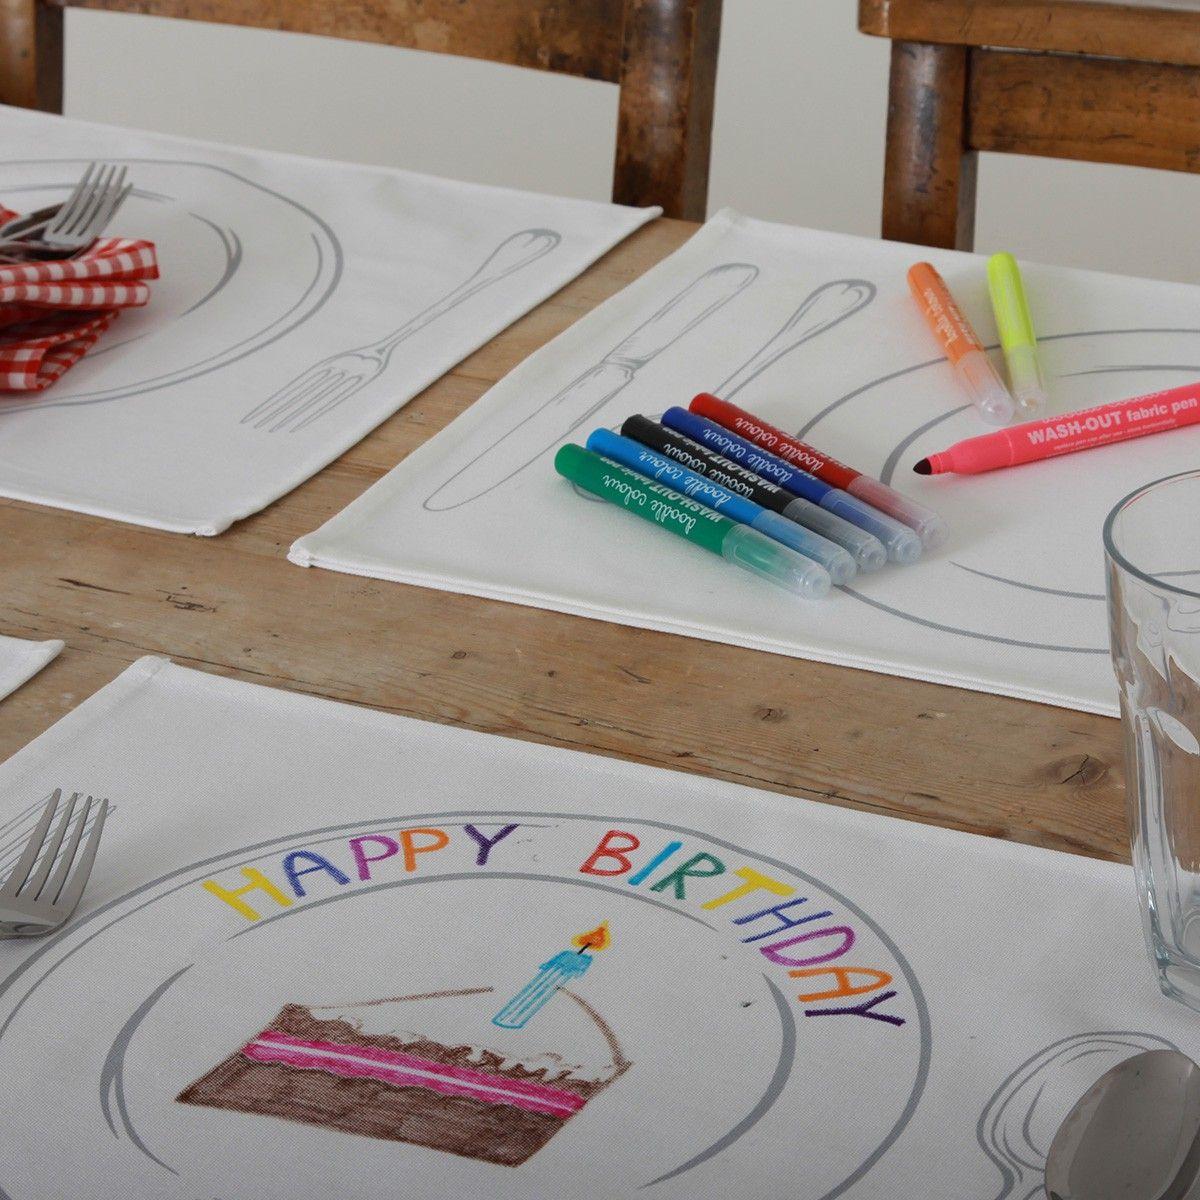 Ausgefallene Tischlen tischsets zum bemalen geschenke geschenkidee ausgefallenes